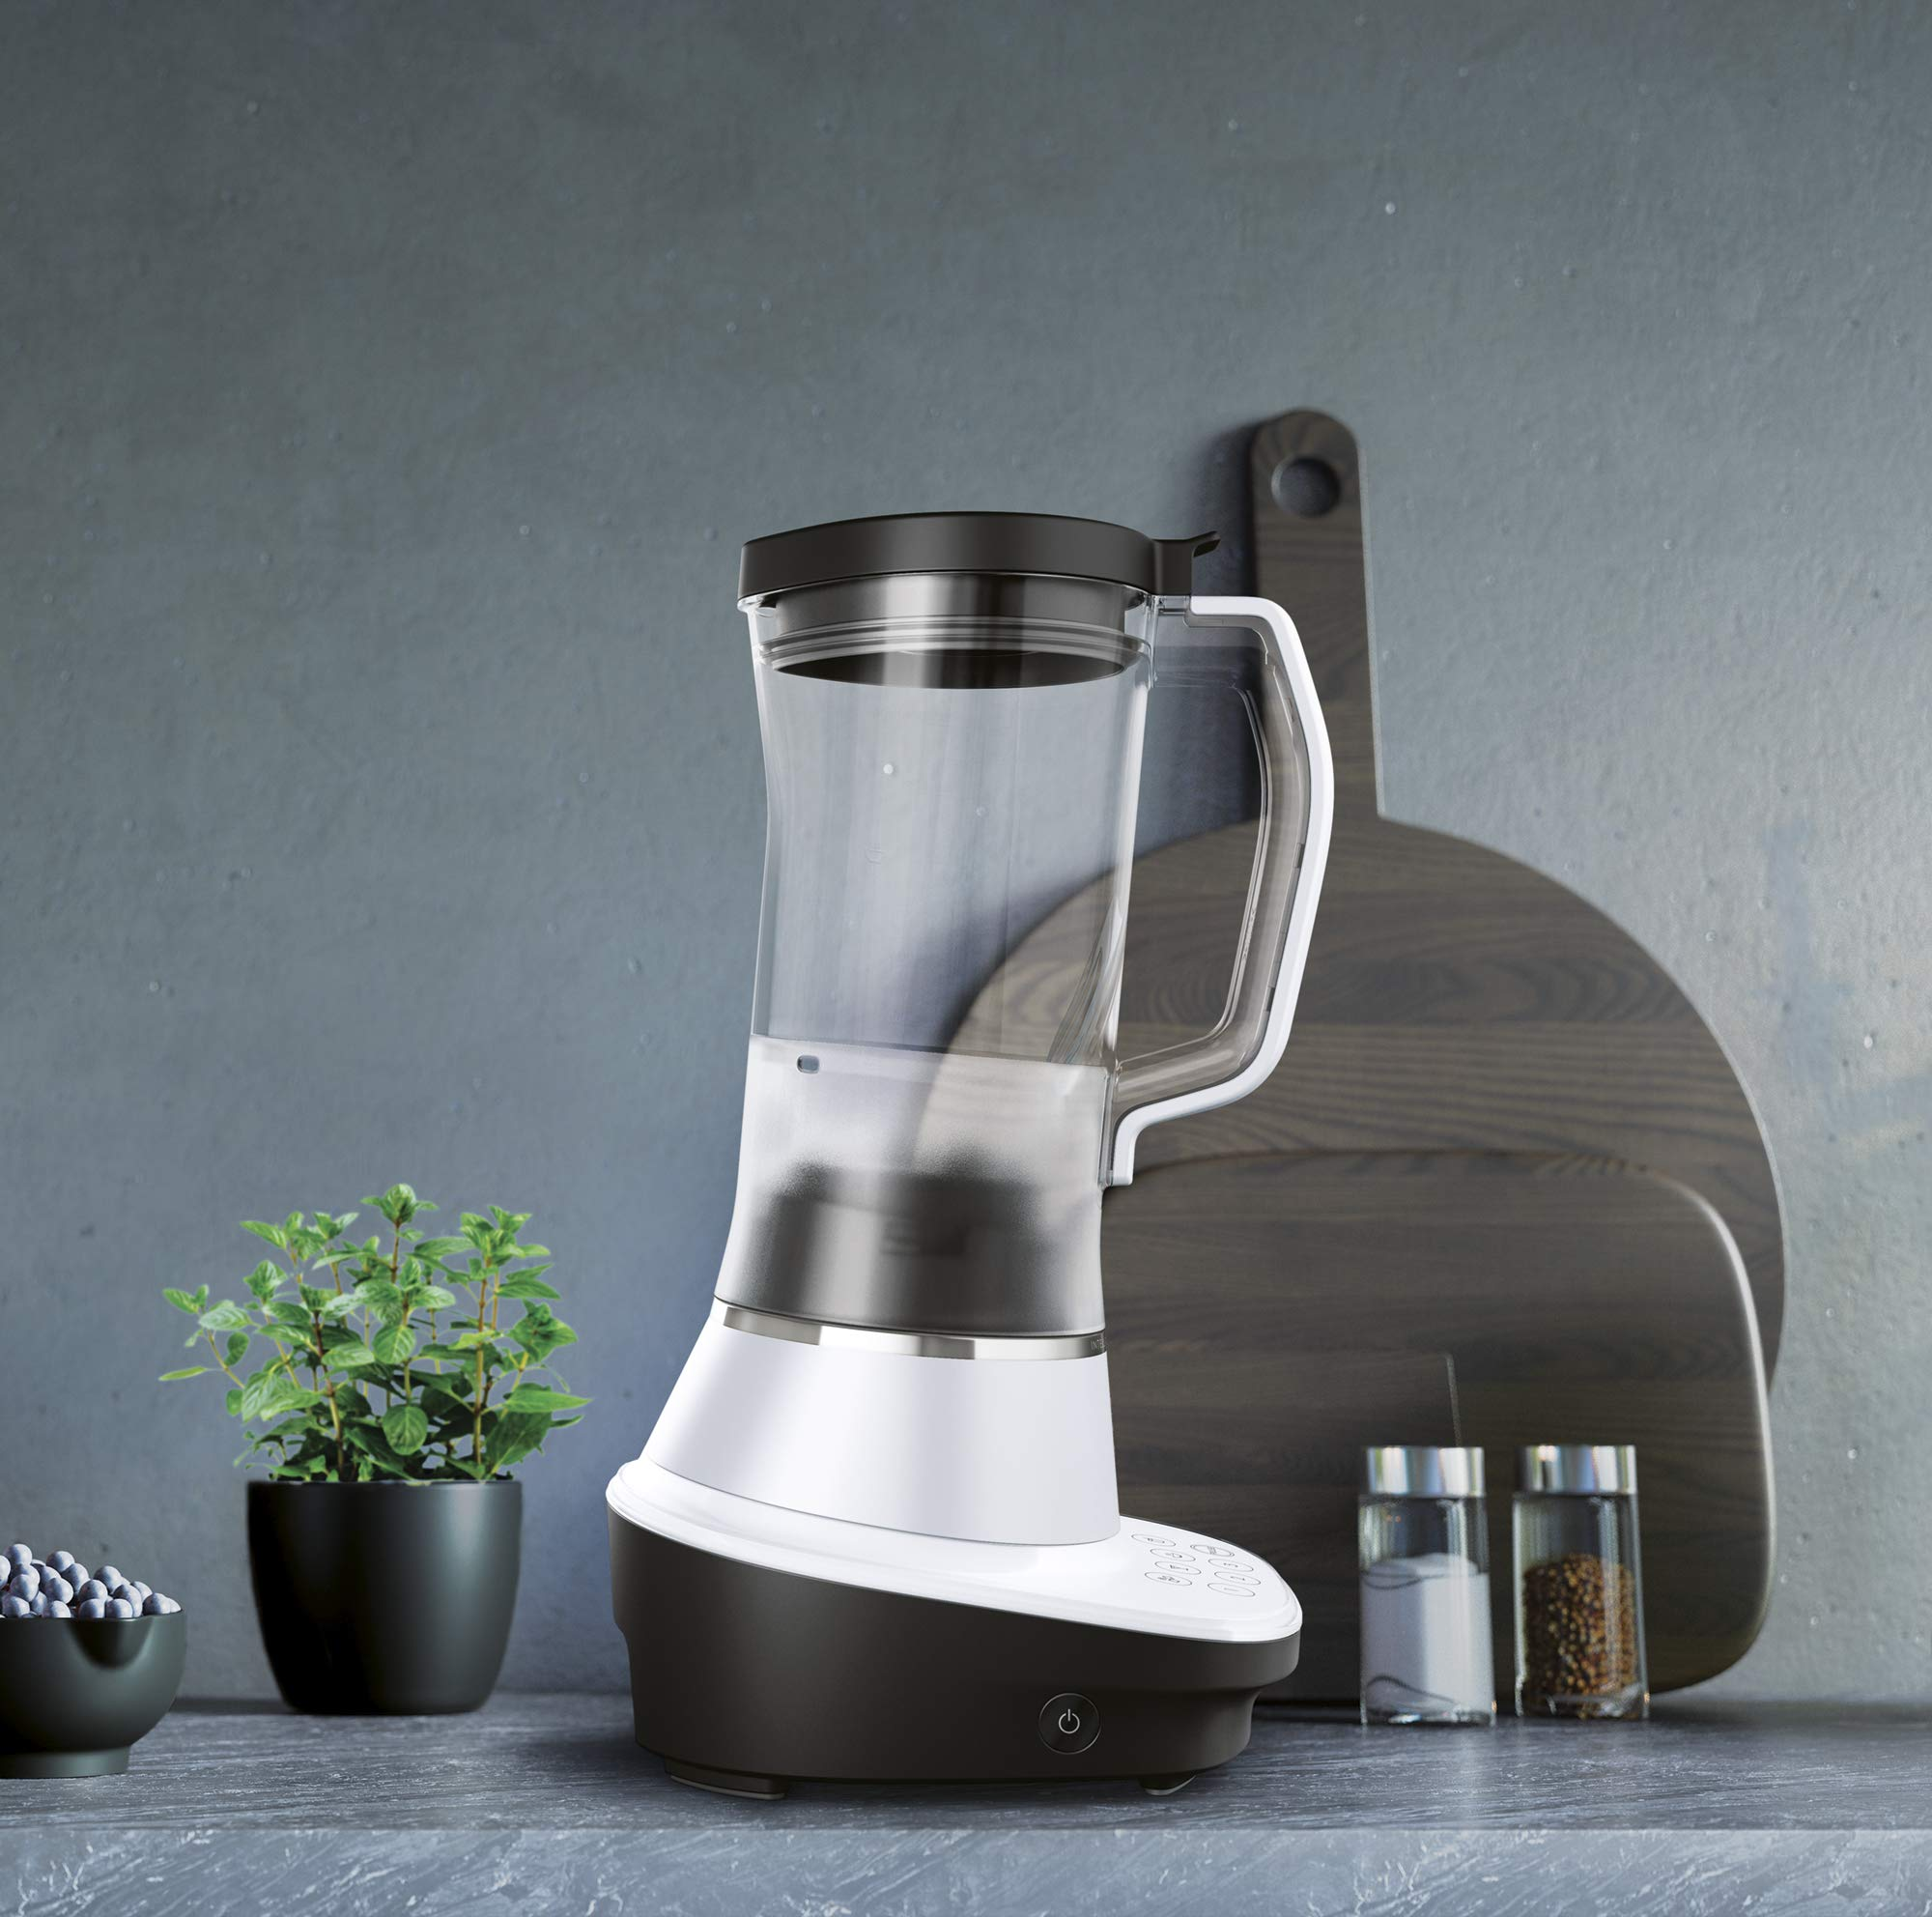 Aeg-Gourmet-7-Mixer-TB7-1-6WWM-Standmixer-900-W-Winter-whiteblack